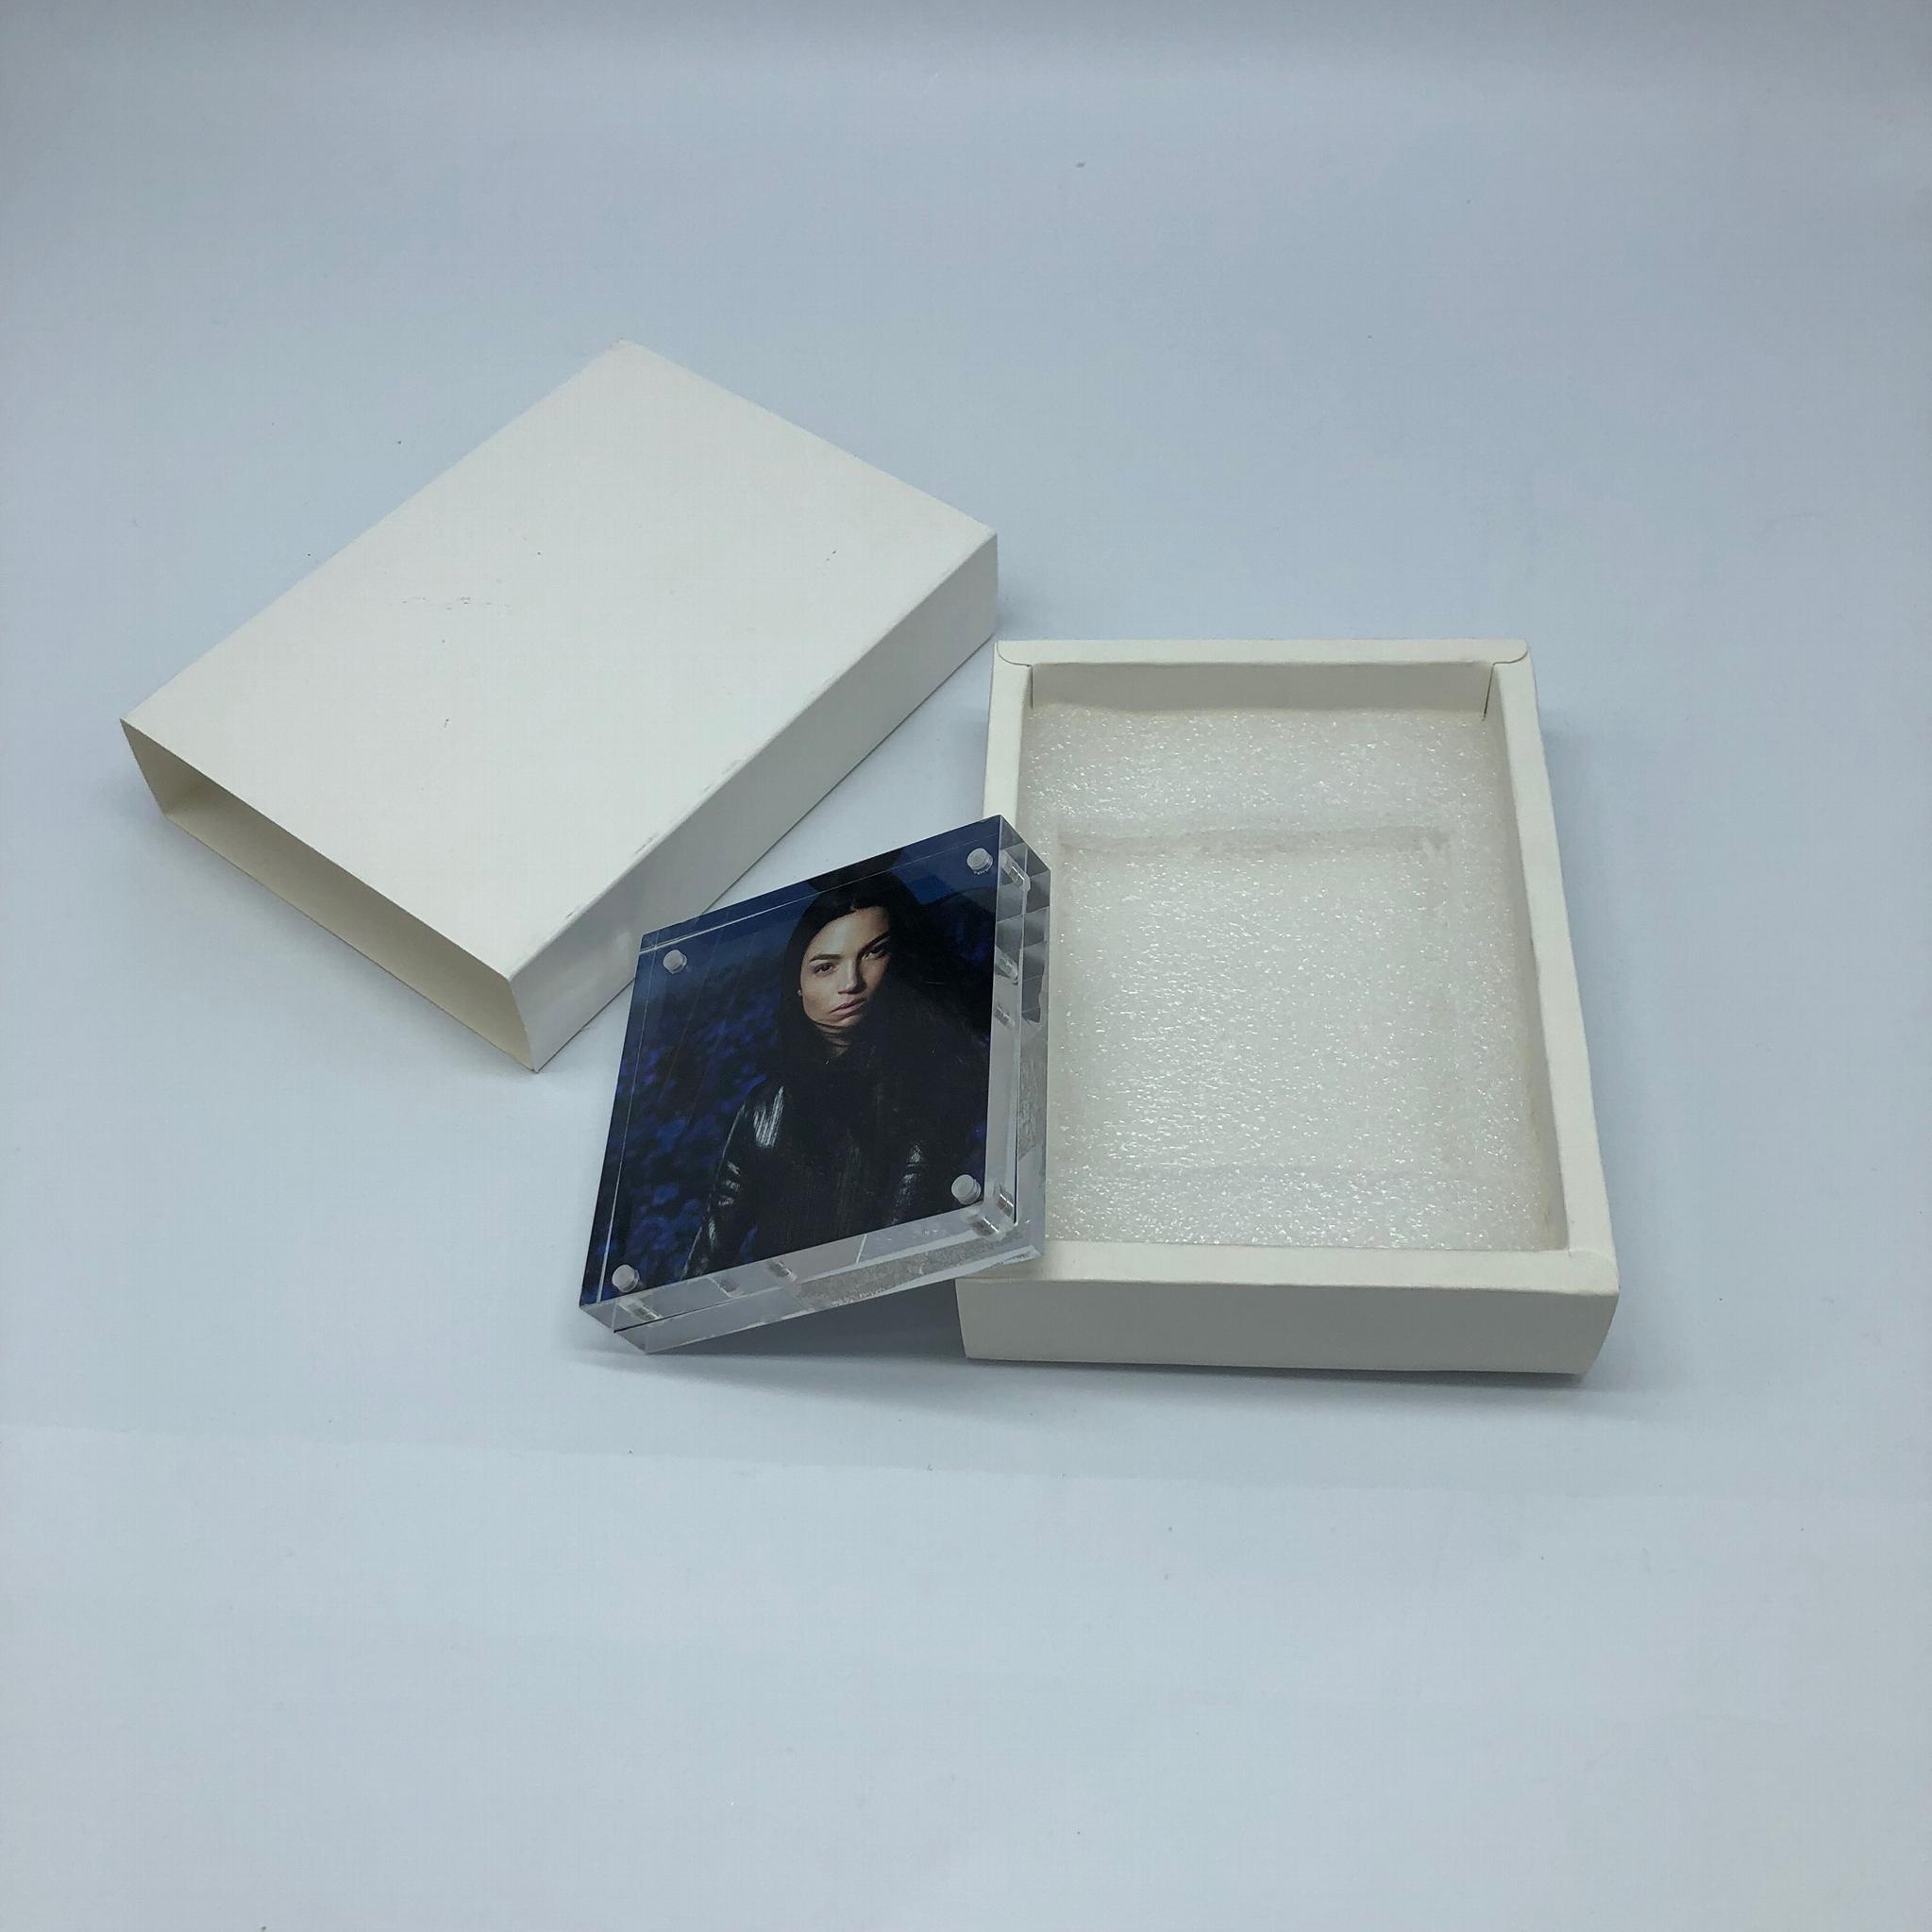 亞加力膠磁石相架10x10cm,,壓克力相框,  14